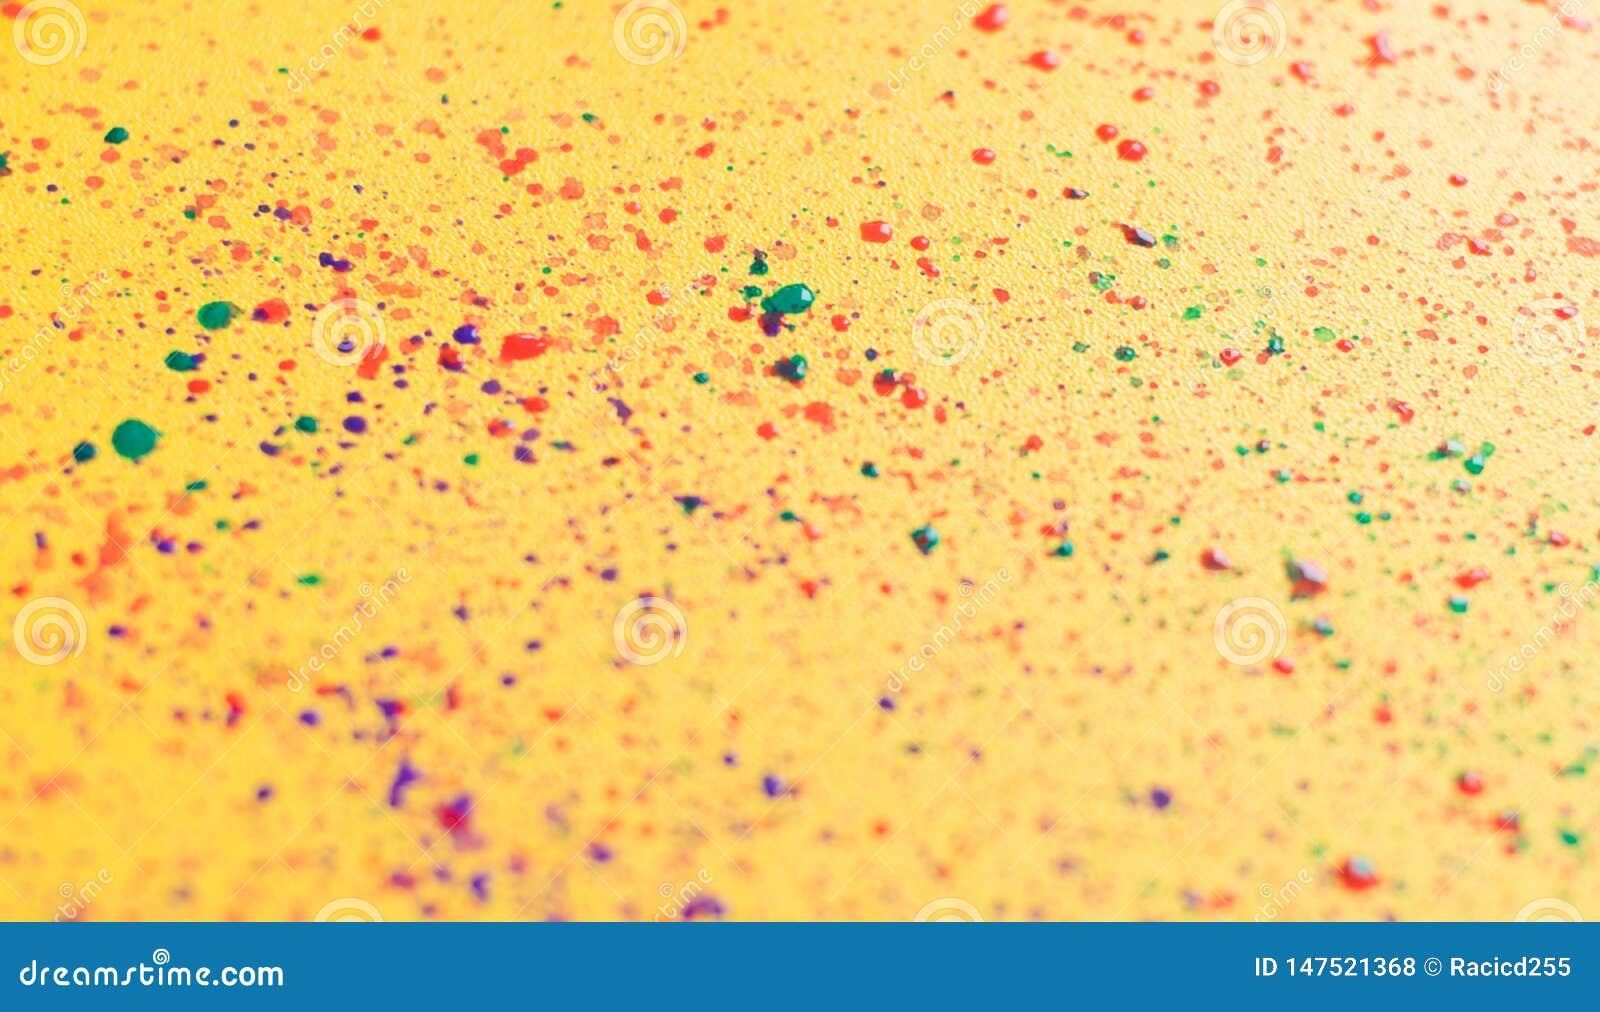 Выплеск красочного порошка над желтой затрапезной шикарной предпосылкой